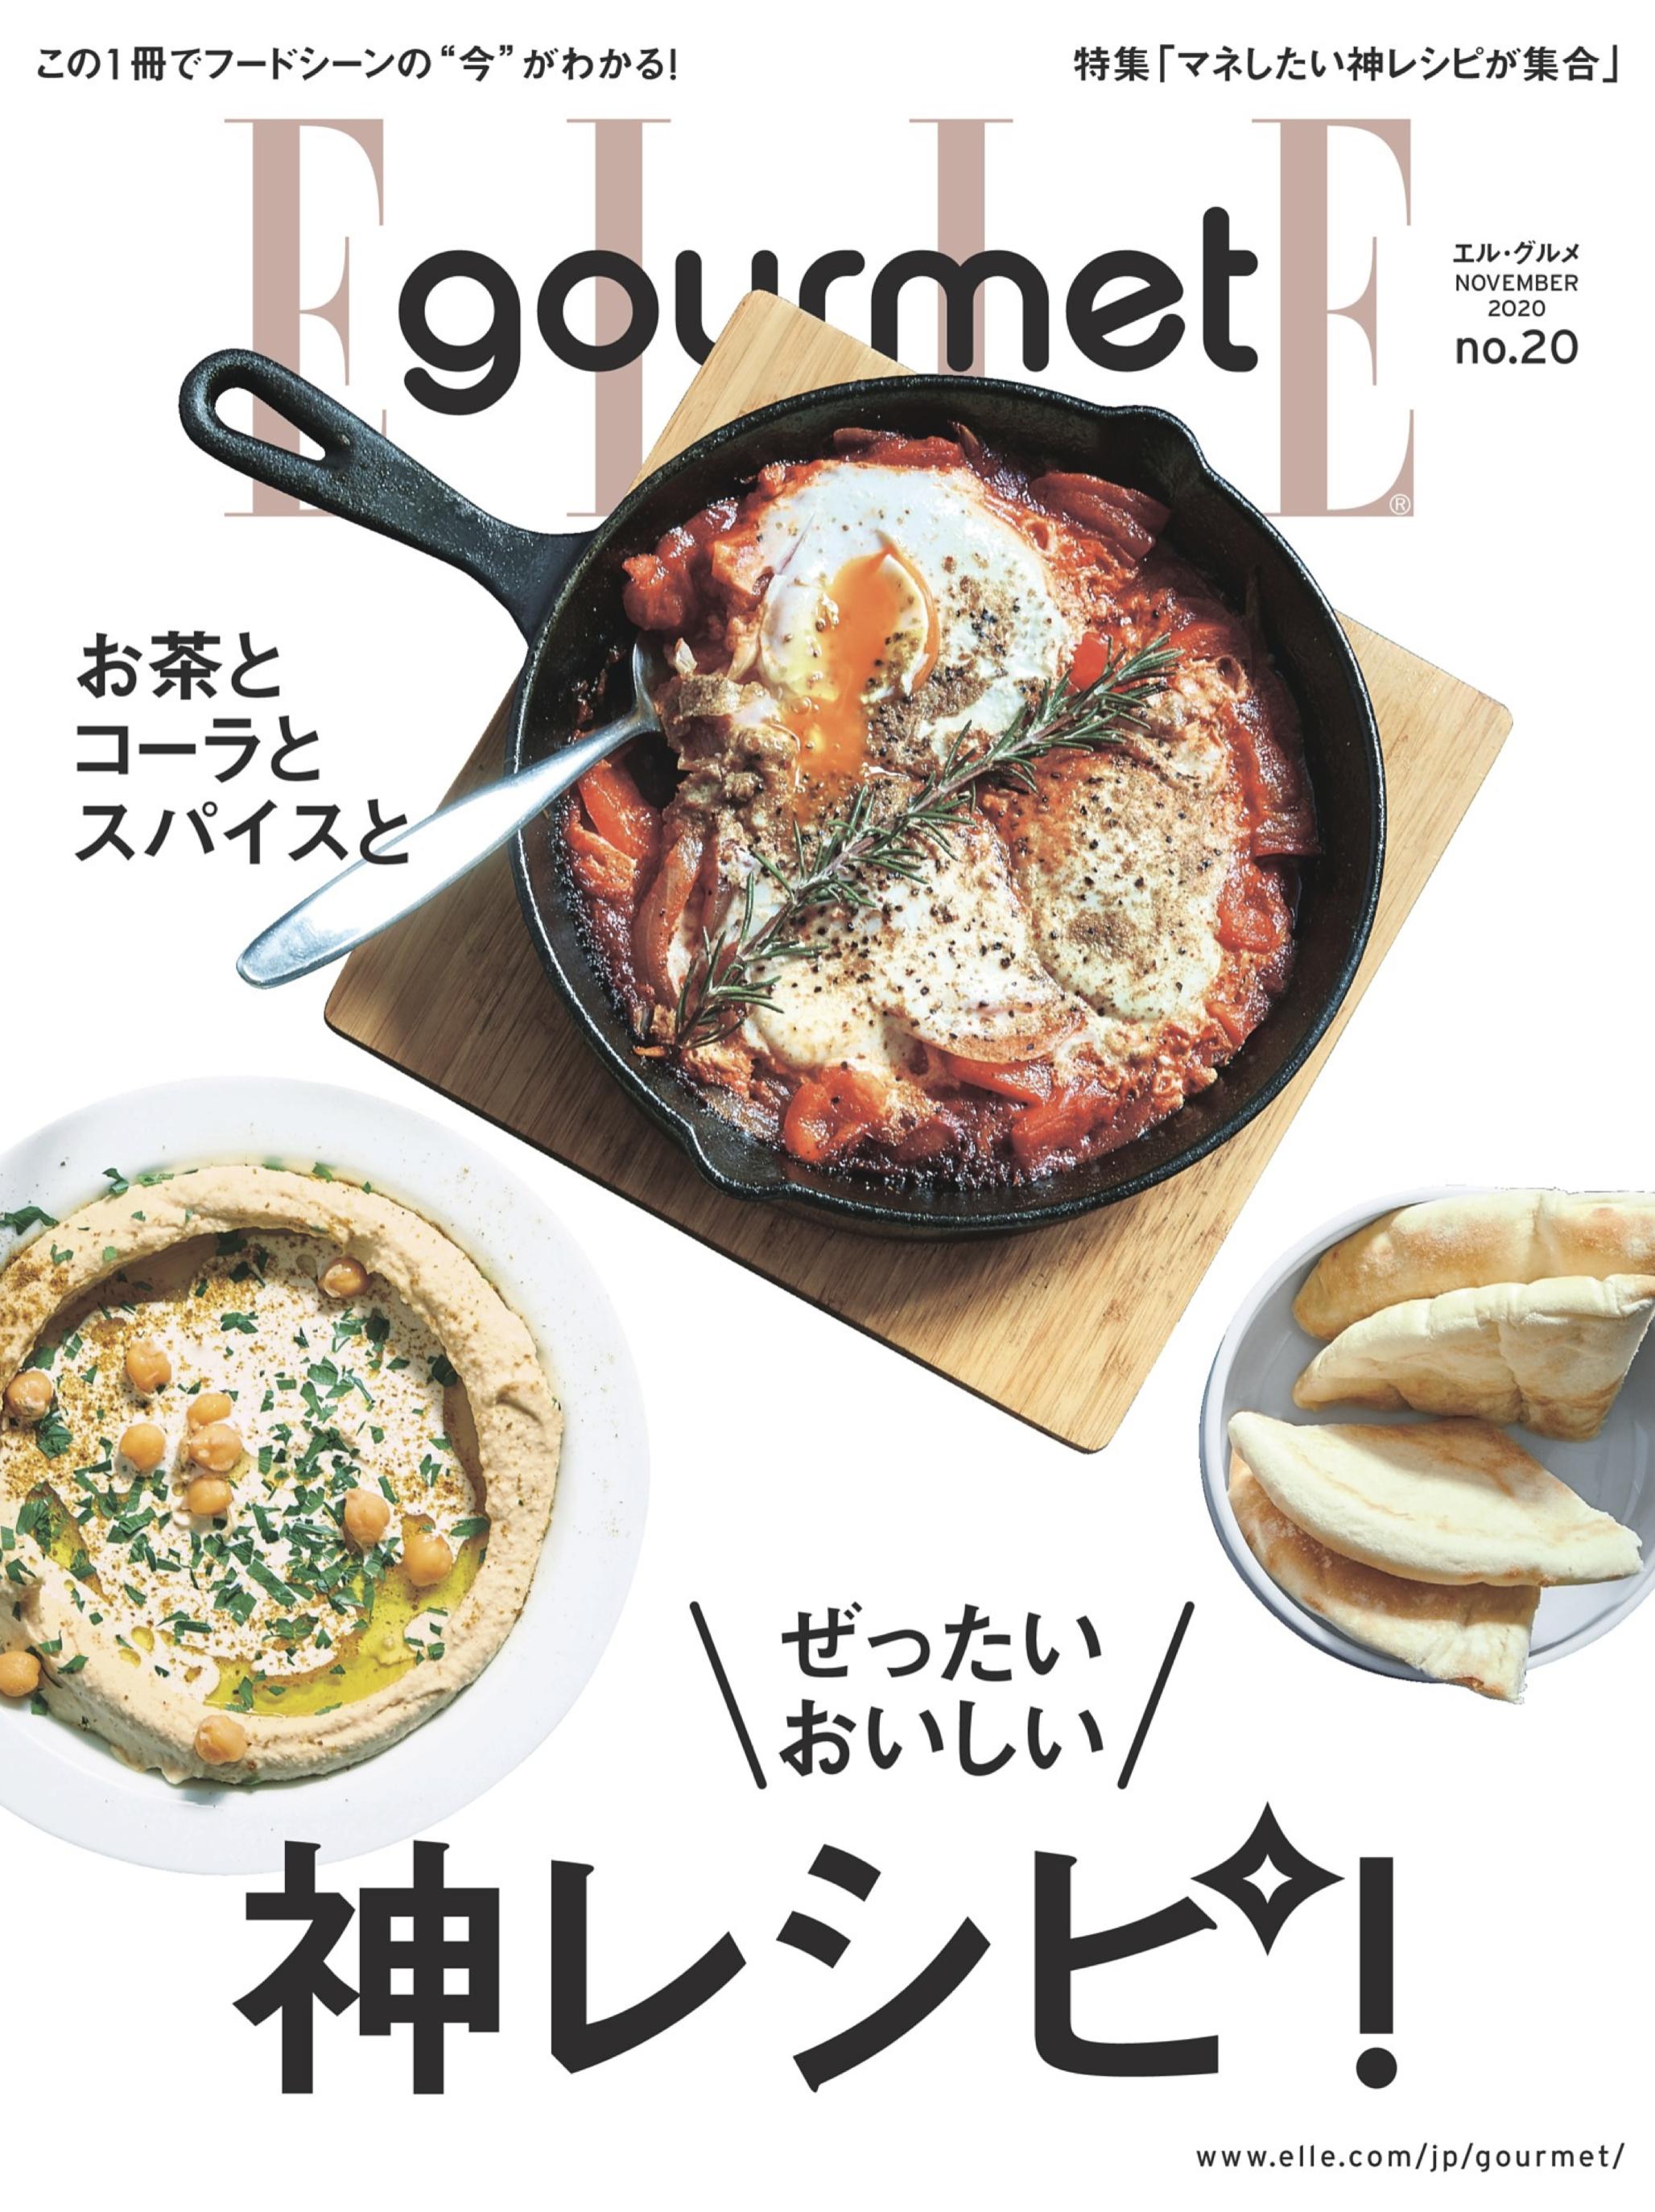 大木慎太郎がELLE gourmet 11月号の表紙と中ページを撮りおろしました